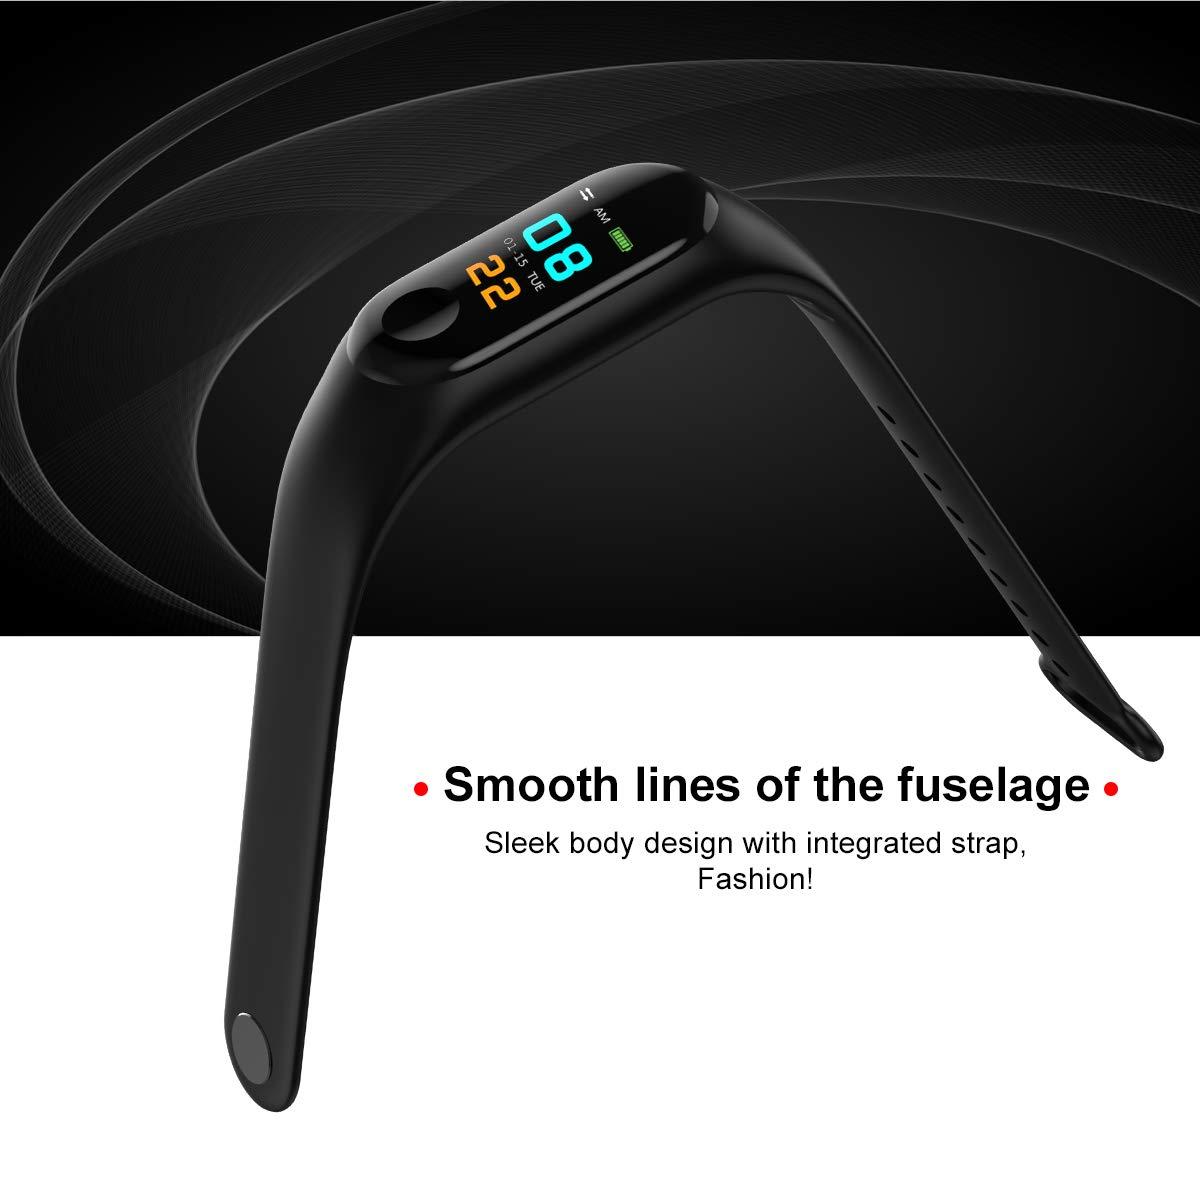 BATHRINS Pulsera Inteligente de Seguimiento de Fitness, M3 IPS, Pantalla Impermeable IP68 Pulsera de Actividad con Monitor de presión Arterial de precisión HR para Android iOS 7